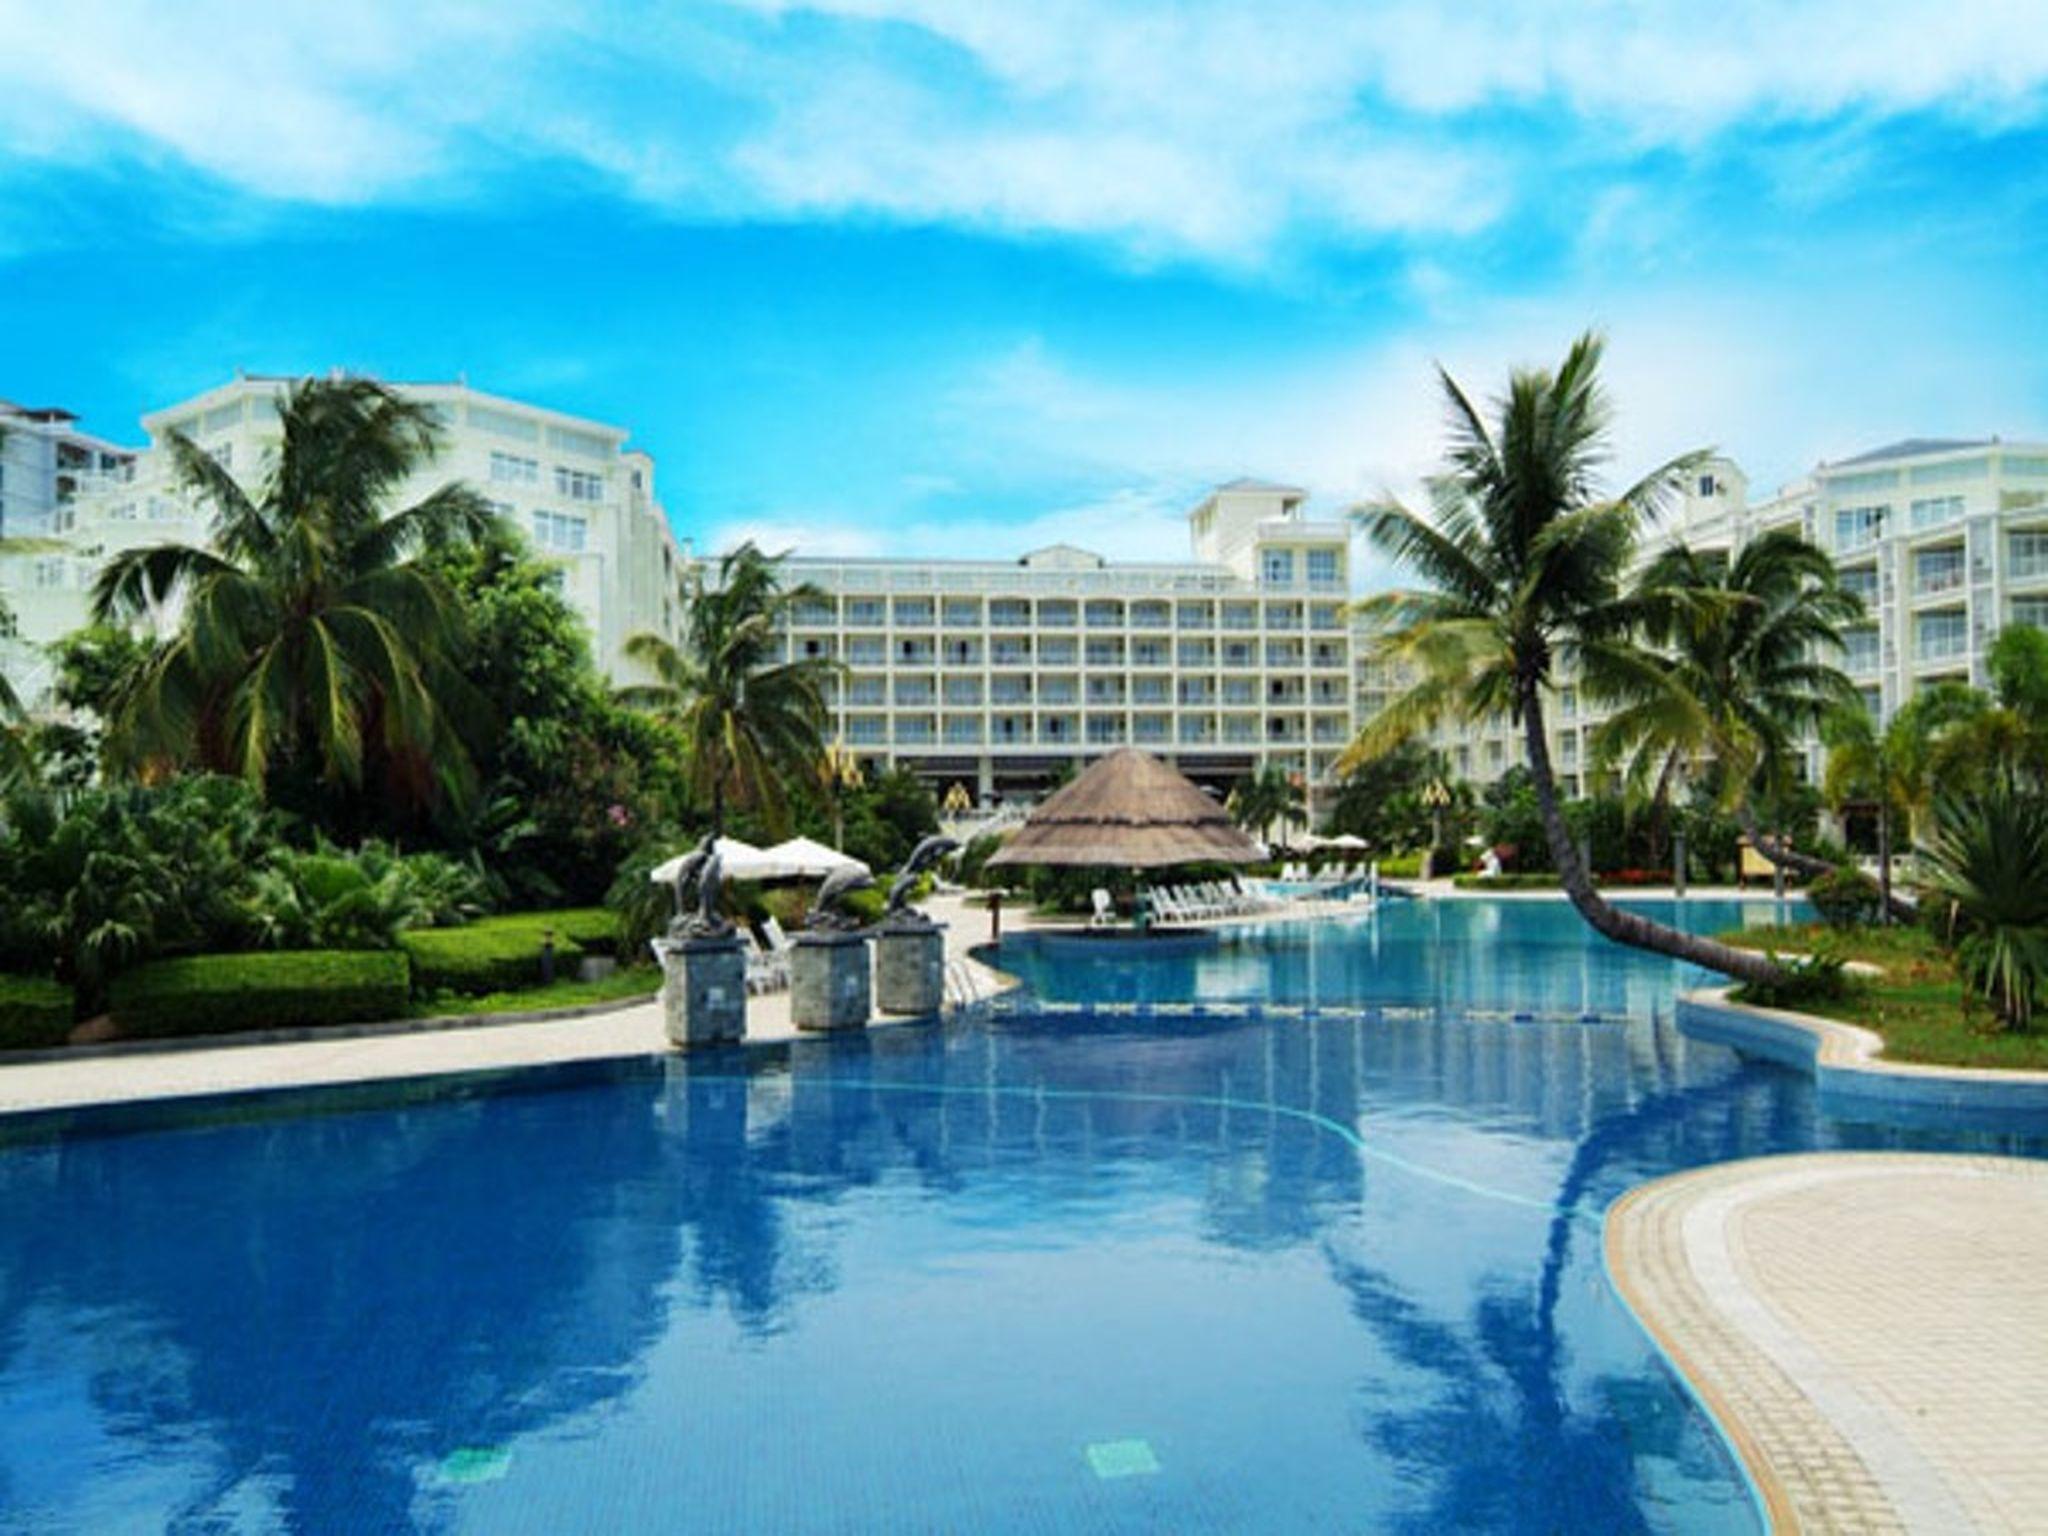 Hotel Liking Resort Sanya 4 (China, Hainan): reviews 91